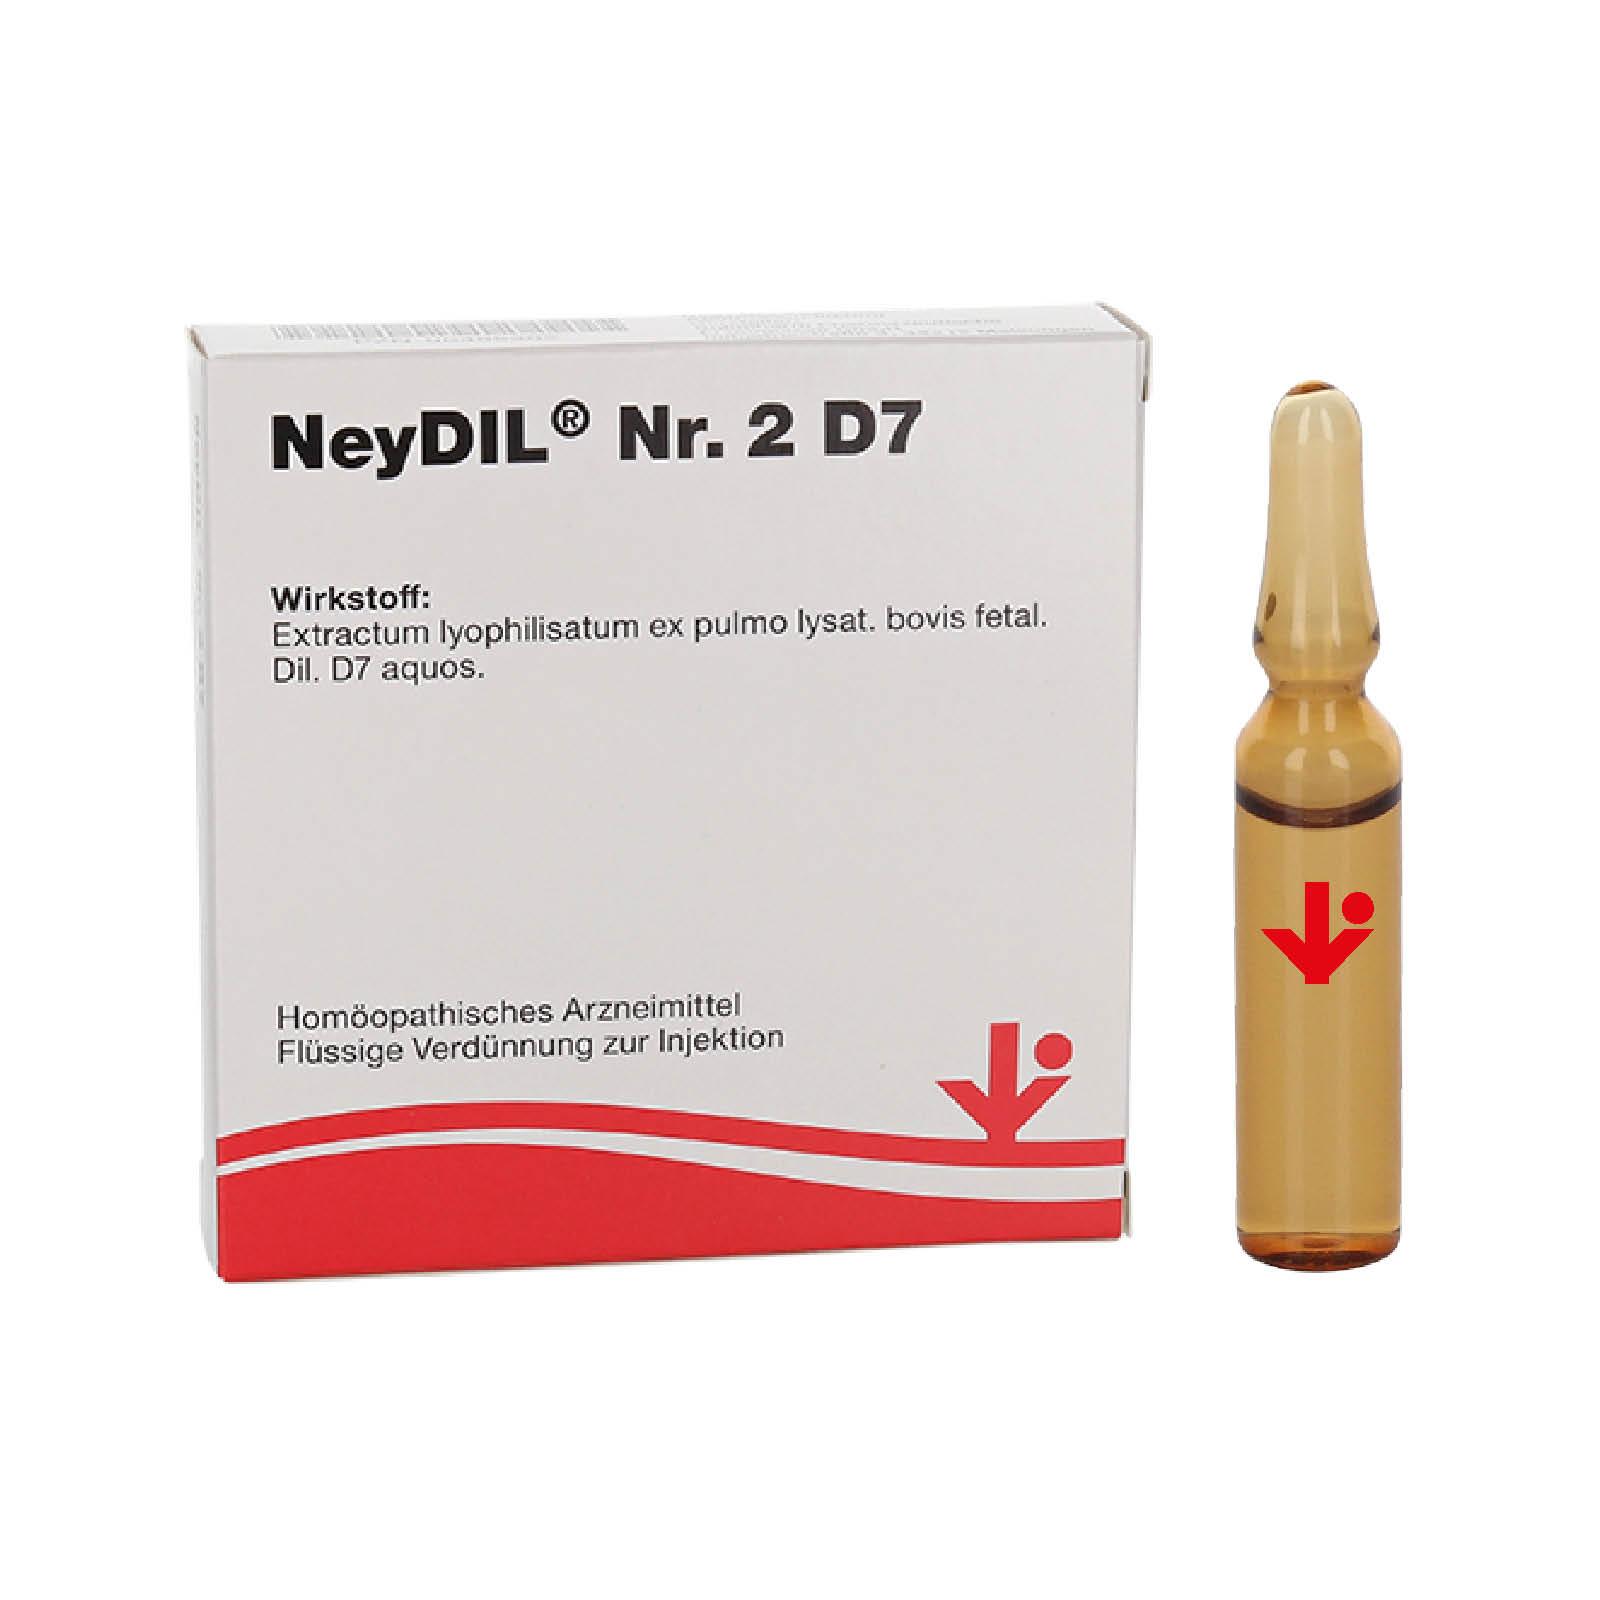 NeyDIL® Nr. 2 D7